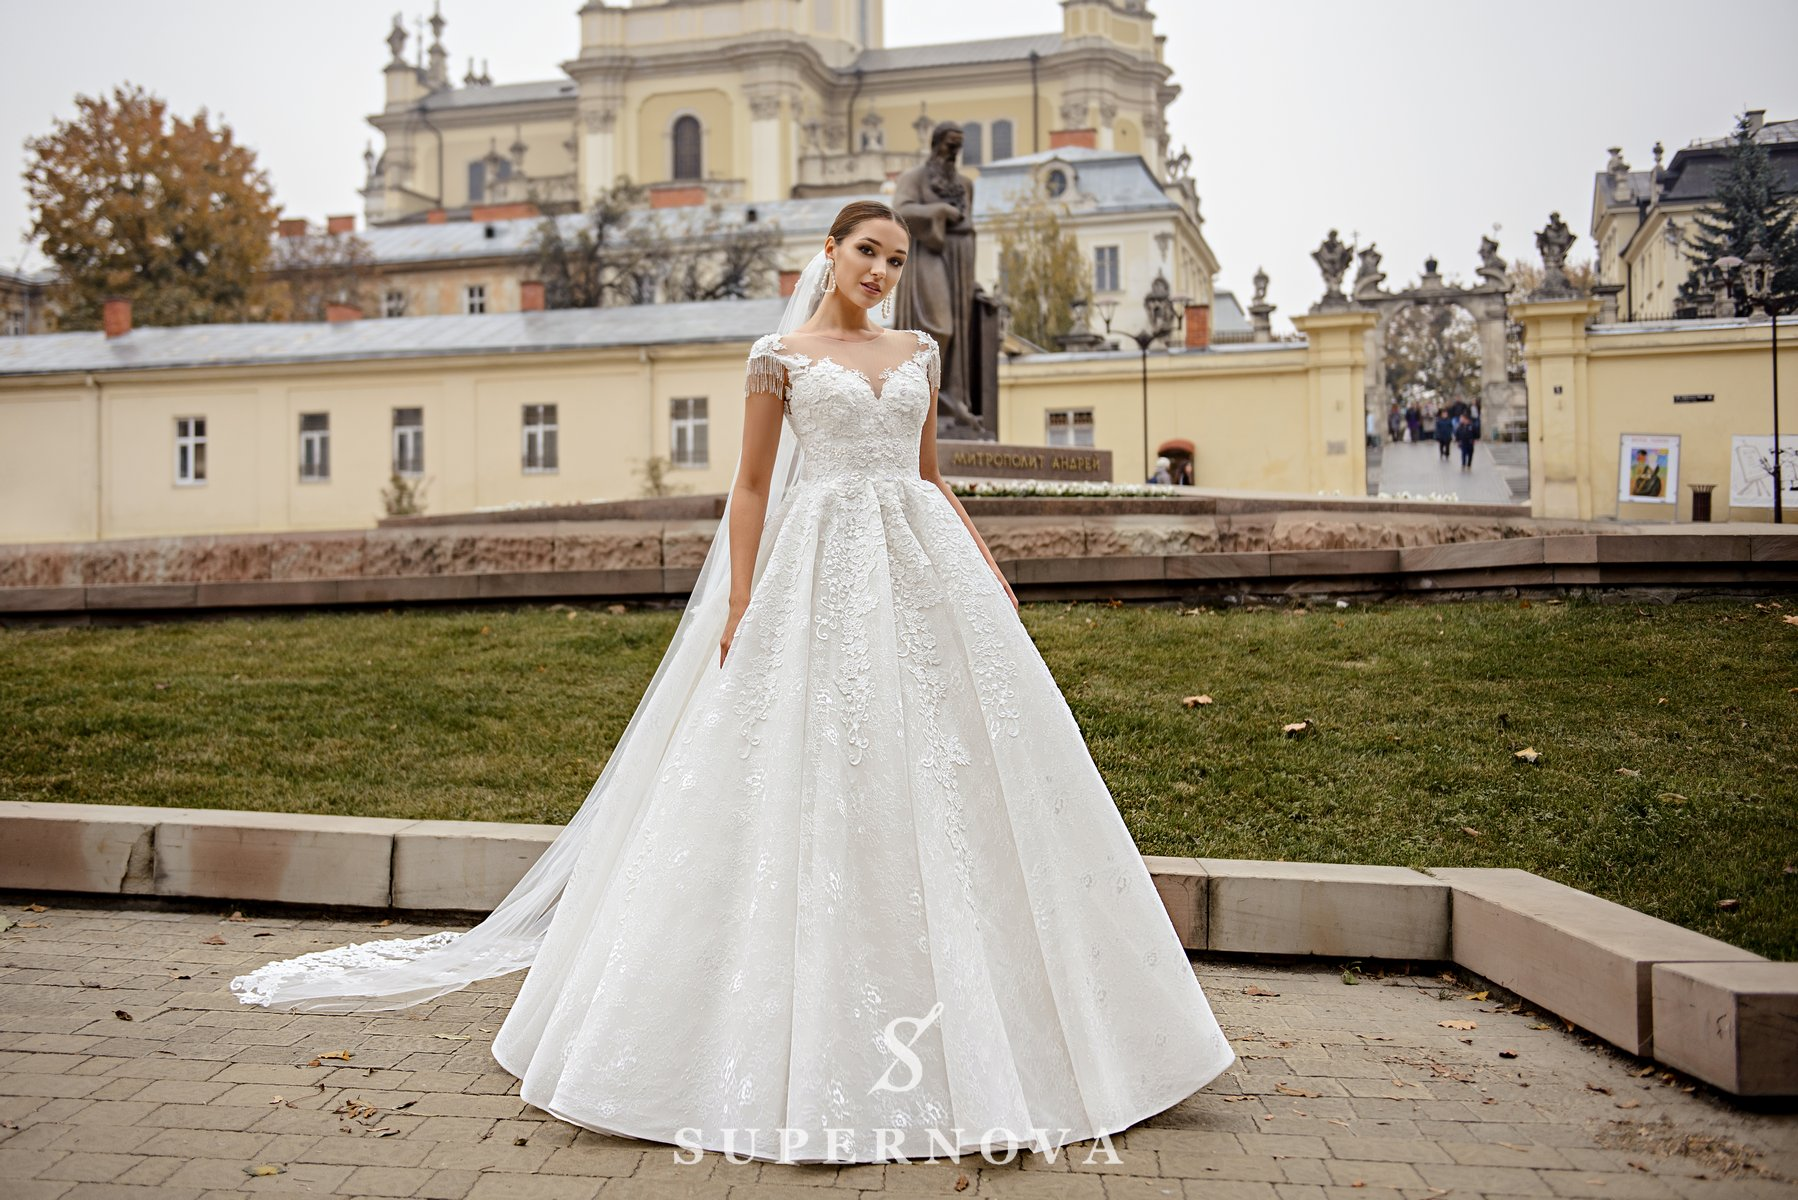 Мереживна весільна сукня з пишною спідницею оптом від SuperNova-1